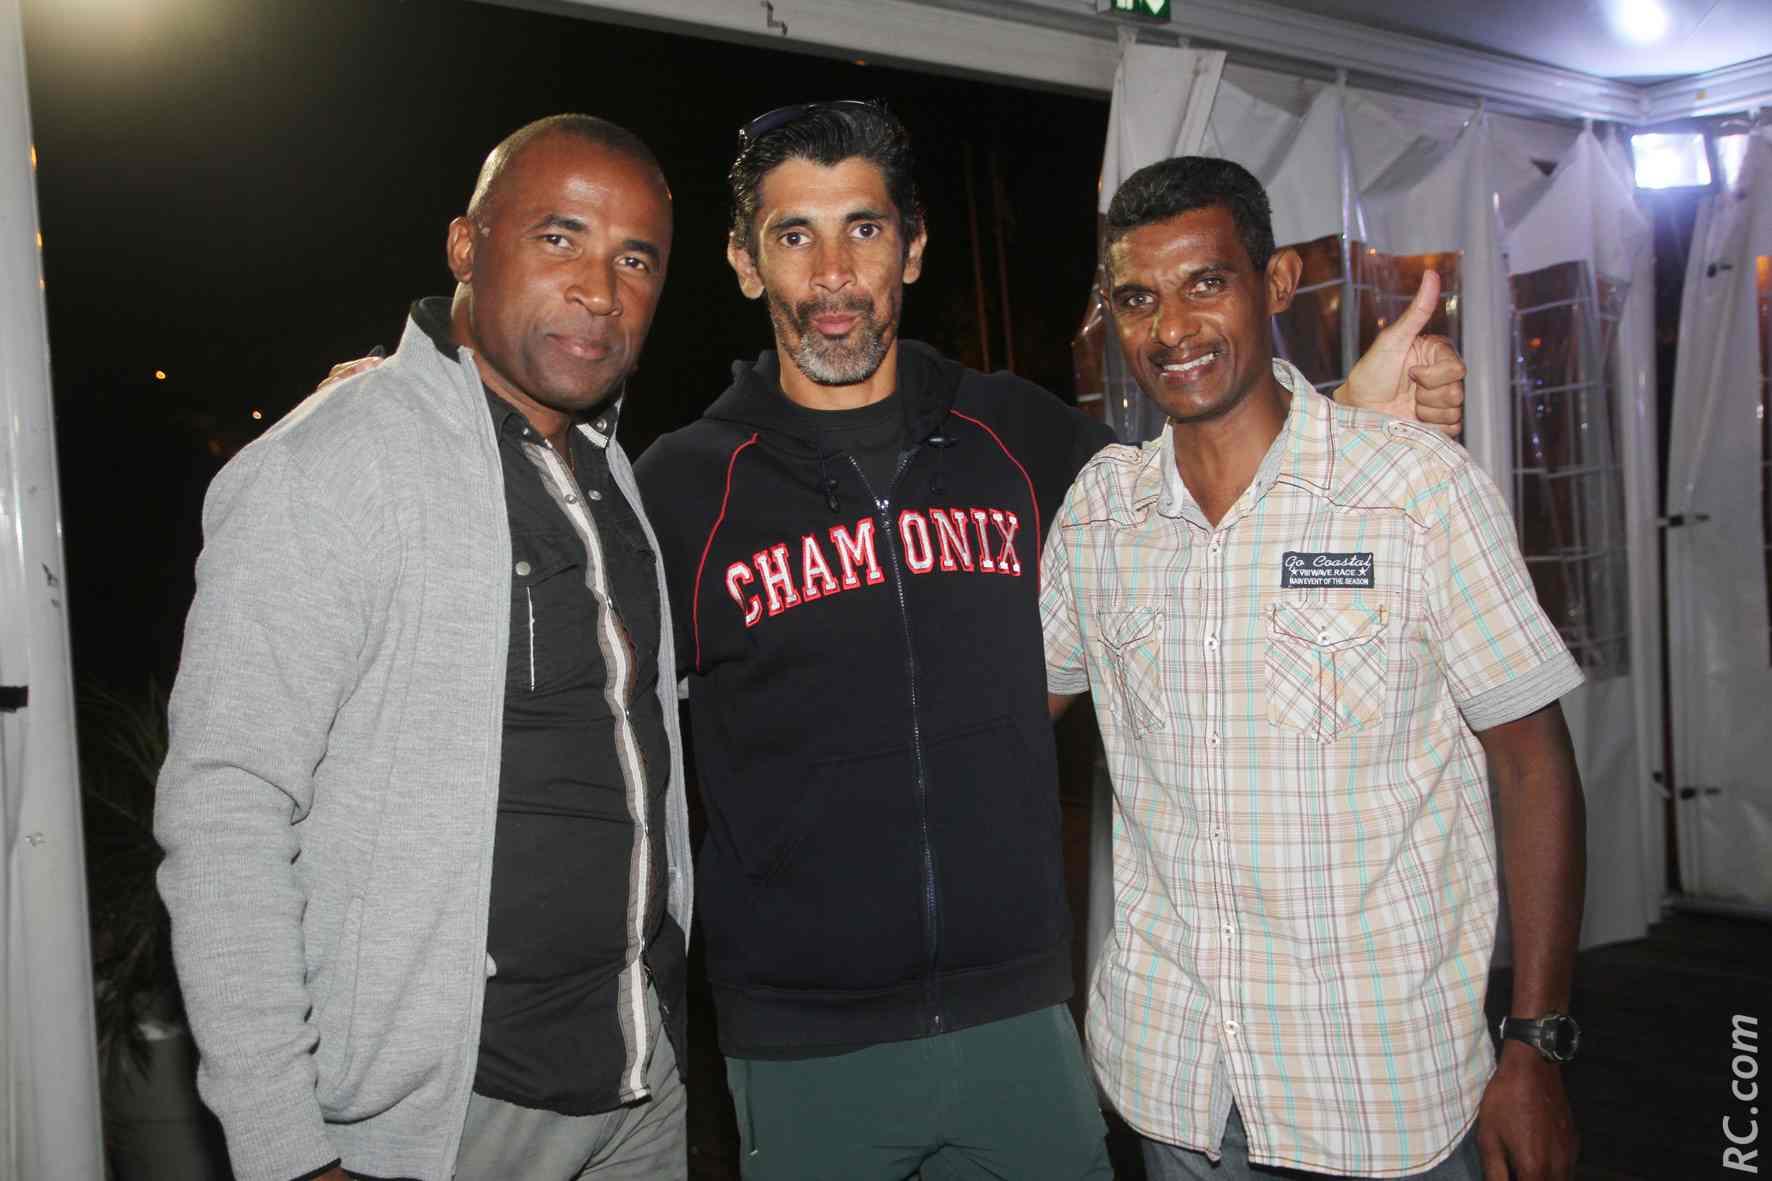 Daniel Catambara de Run-Trail Aventure, Jean-Marie Cadet et Eric Dalevan ont inscrit le rendez-vous du Shandrani sur leur carnet de route